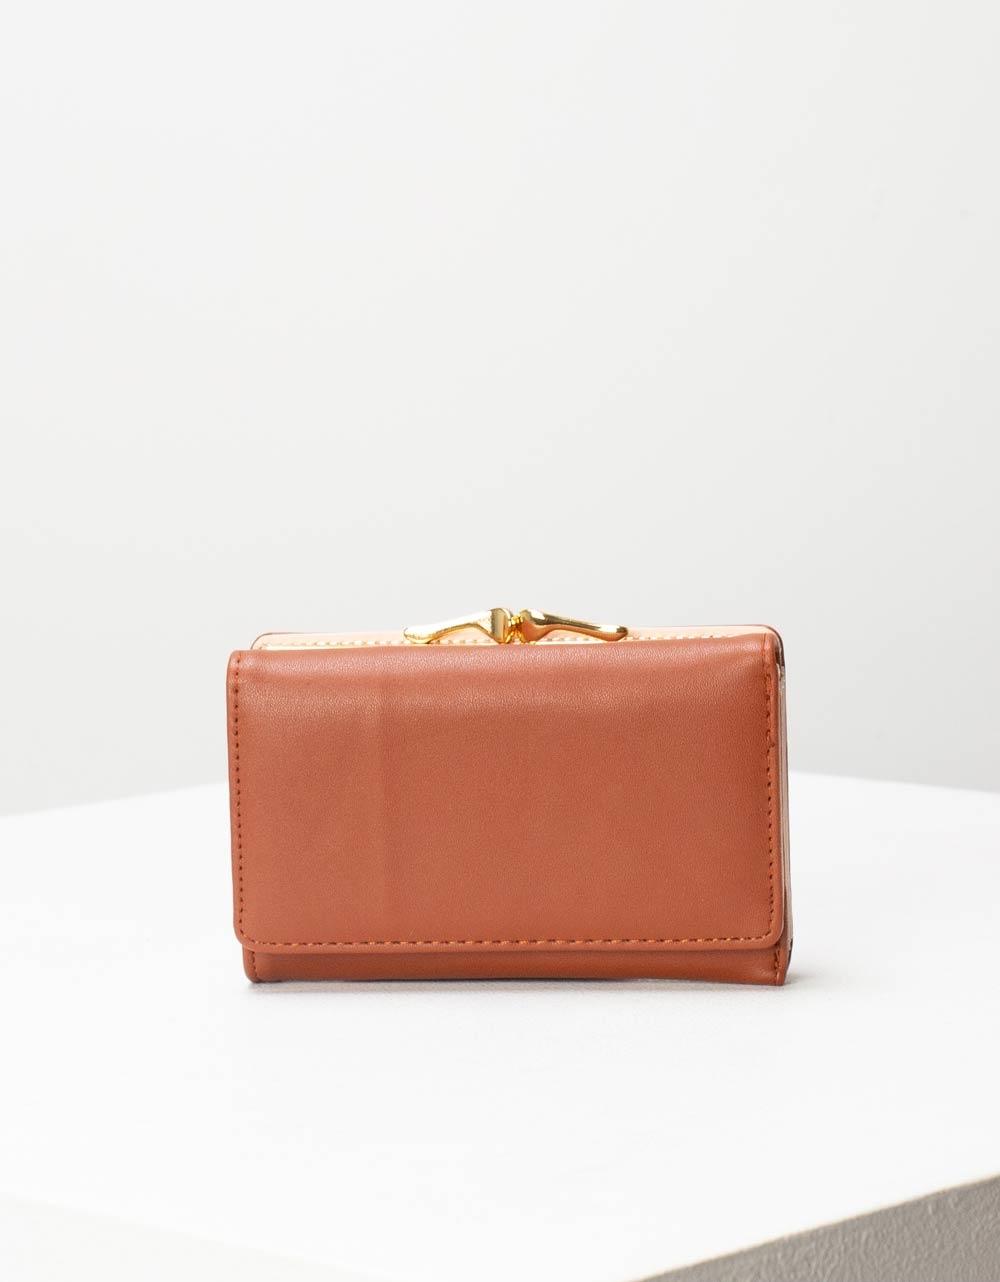 Εικόνα από Γυναικεία πορτοφόλια με μεταλλικό διακοσμητικό Ταμπά